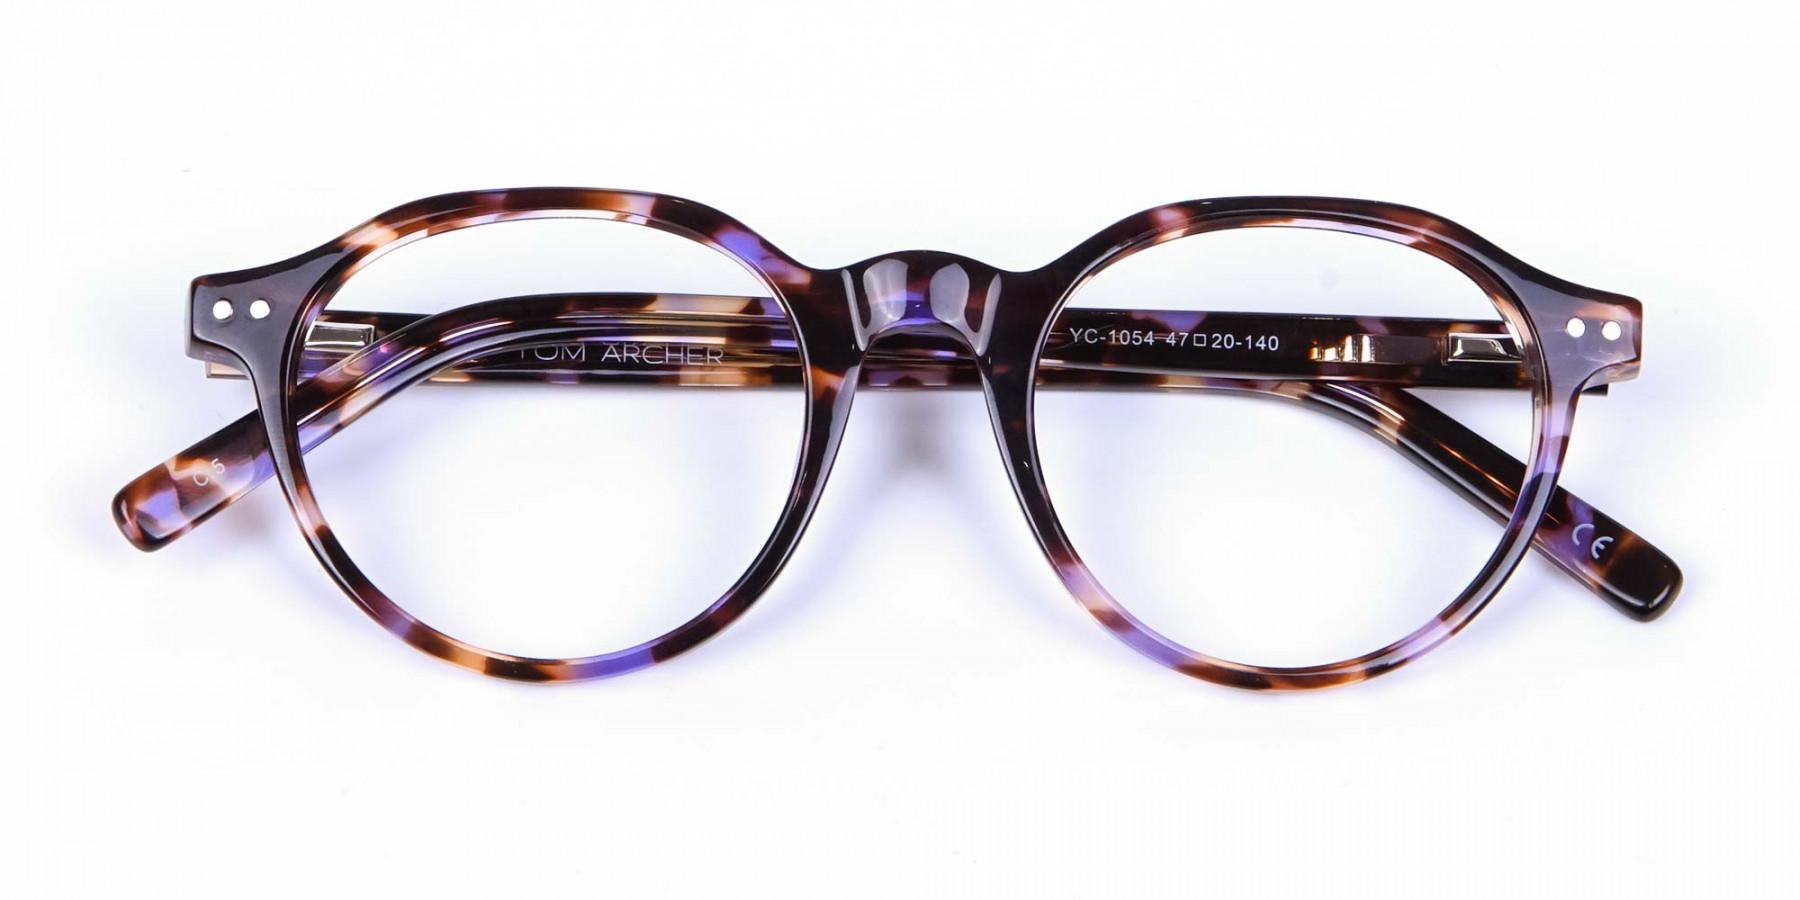 Violet Havana Tortoiseshell Stylish Glasses